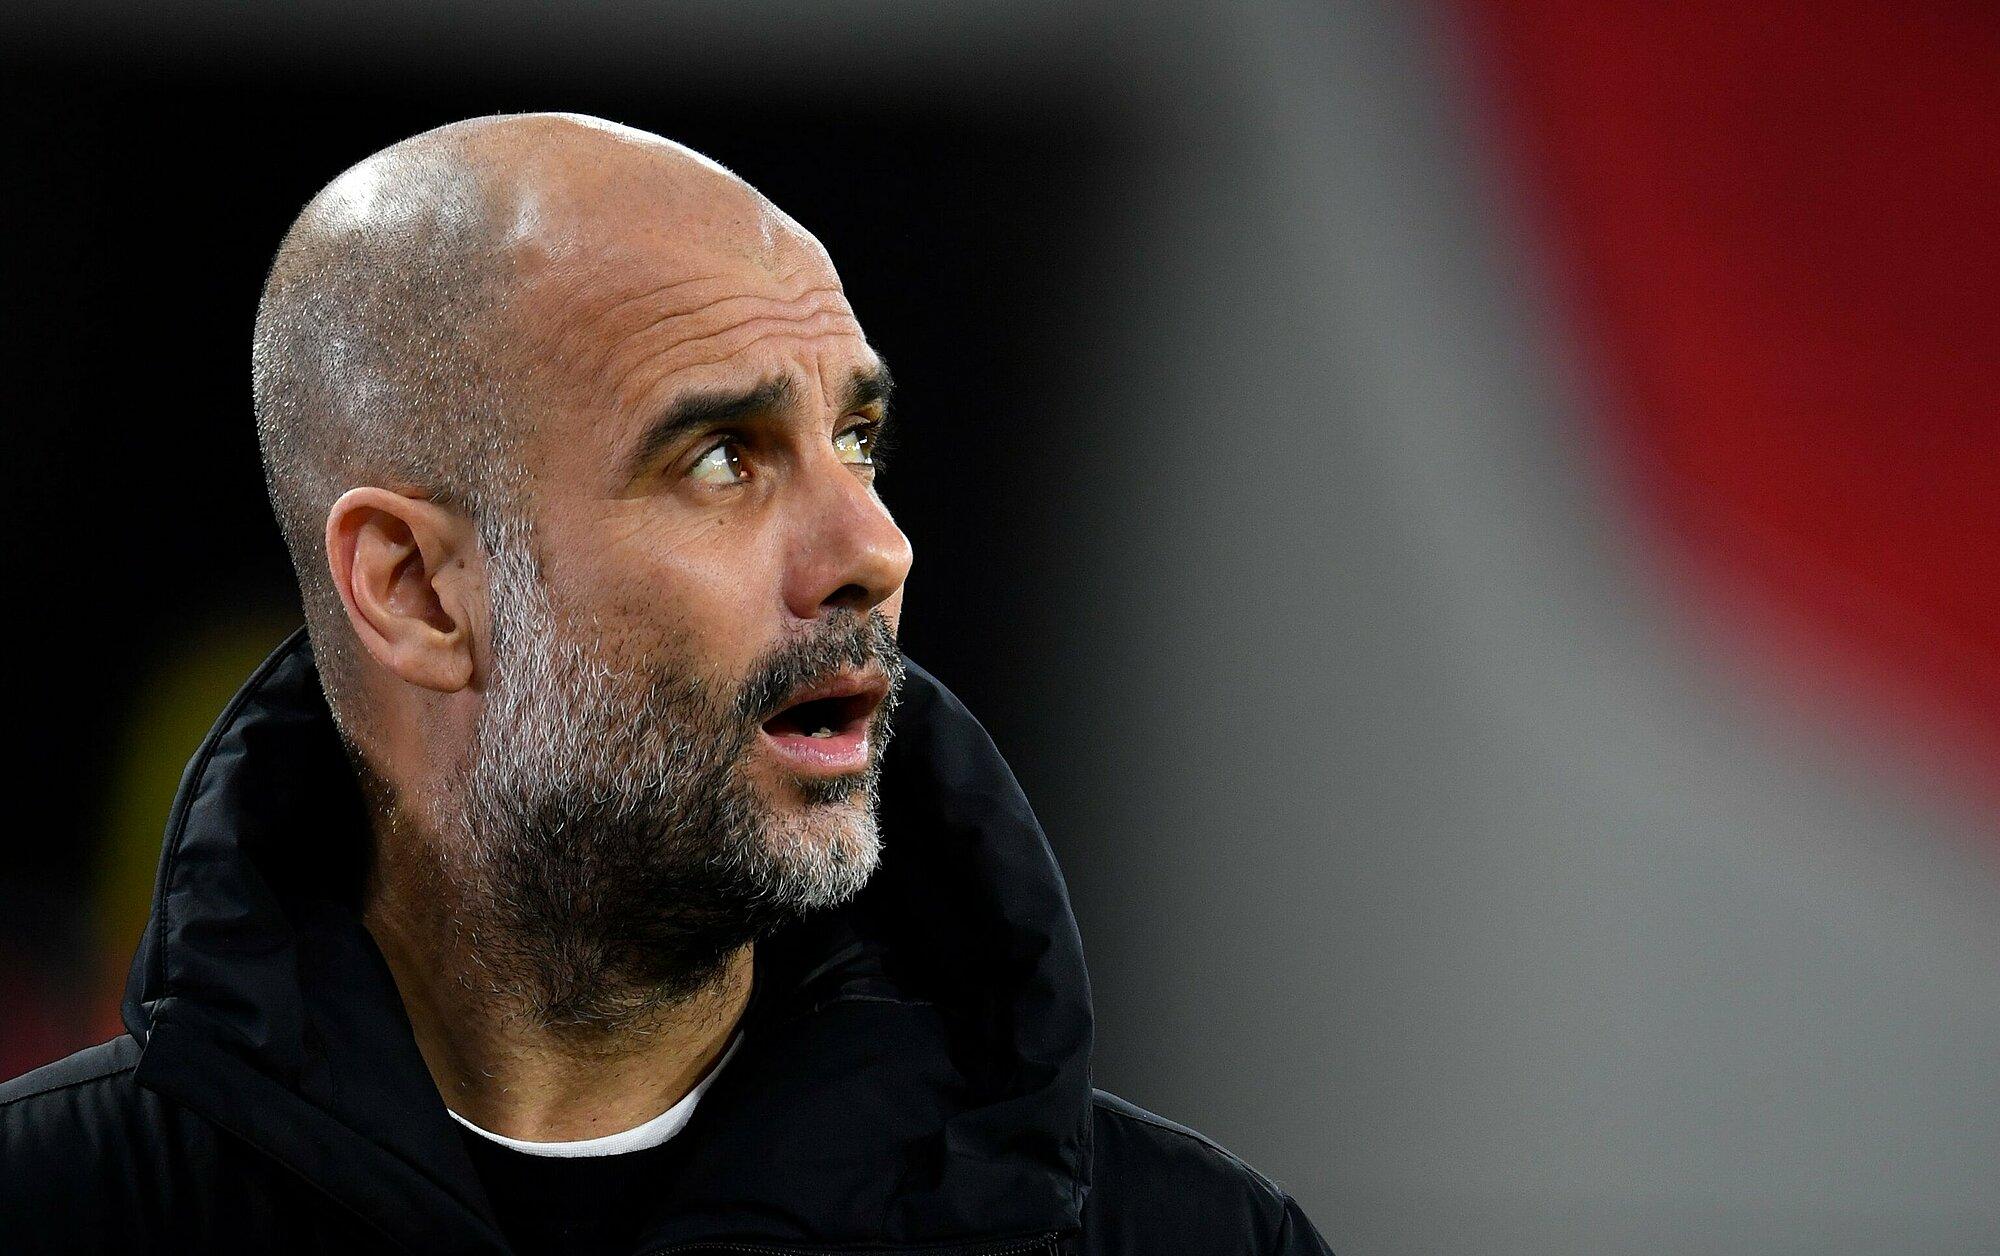 Guardiola đang có cơ hội viết tiếp nhiều cột mốc quan trọng nữa trong sự nghiệp cầm quân với Man City. Ảnh: AFP